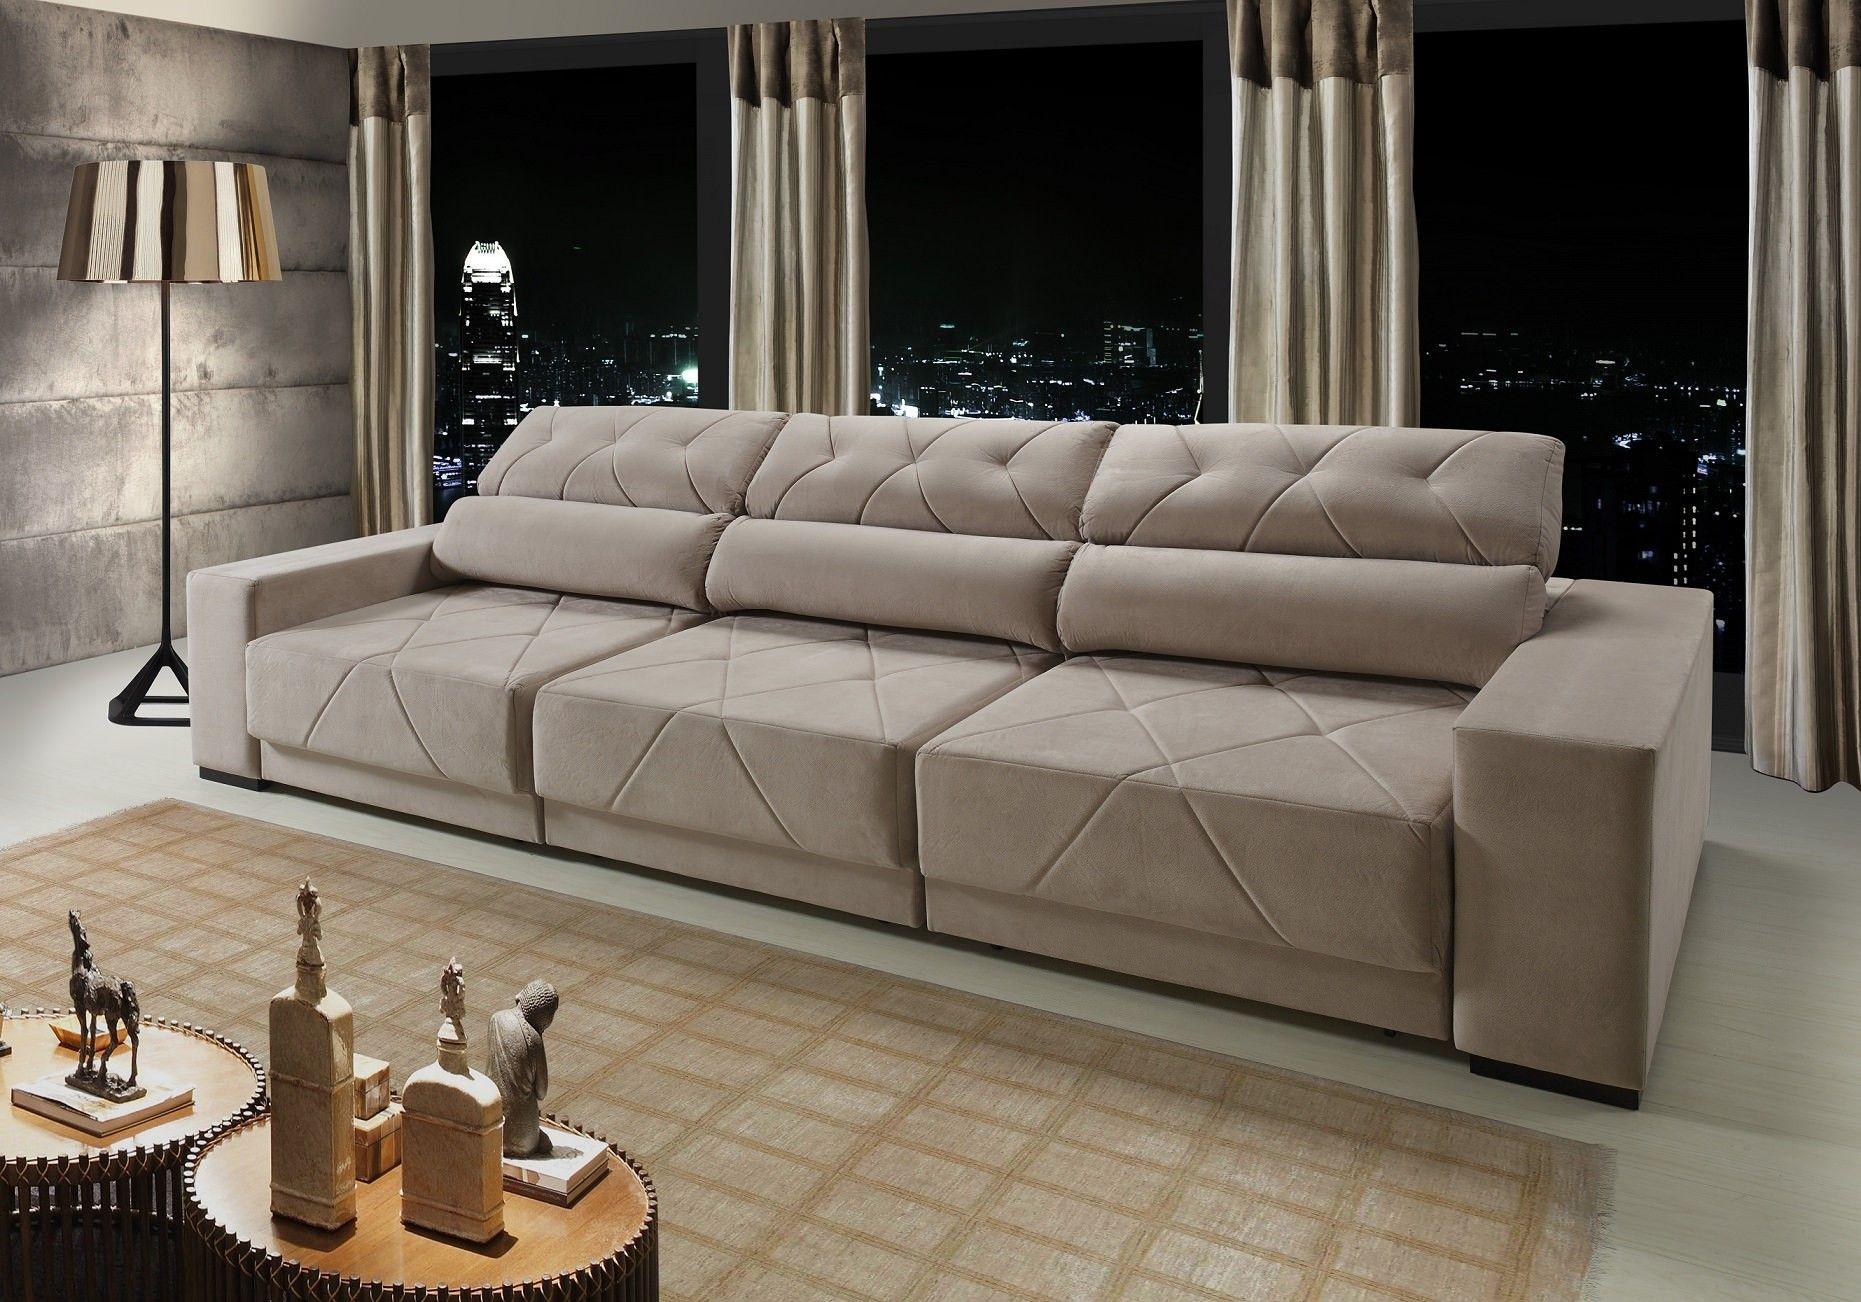 Sof floripa master 7 lugares assento retr til e encosto for Sofa zeus retratil e reclinavel